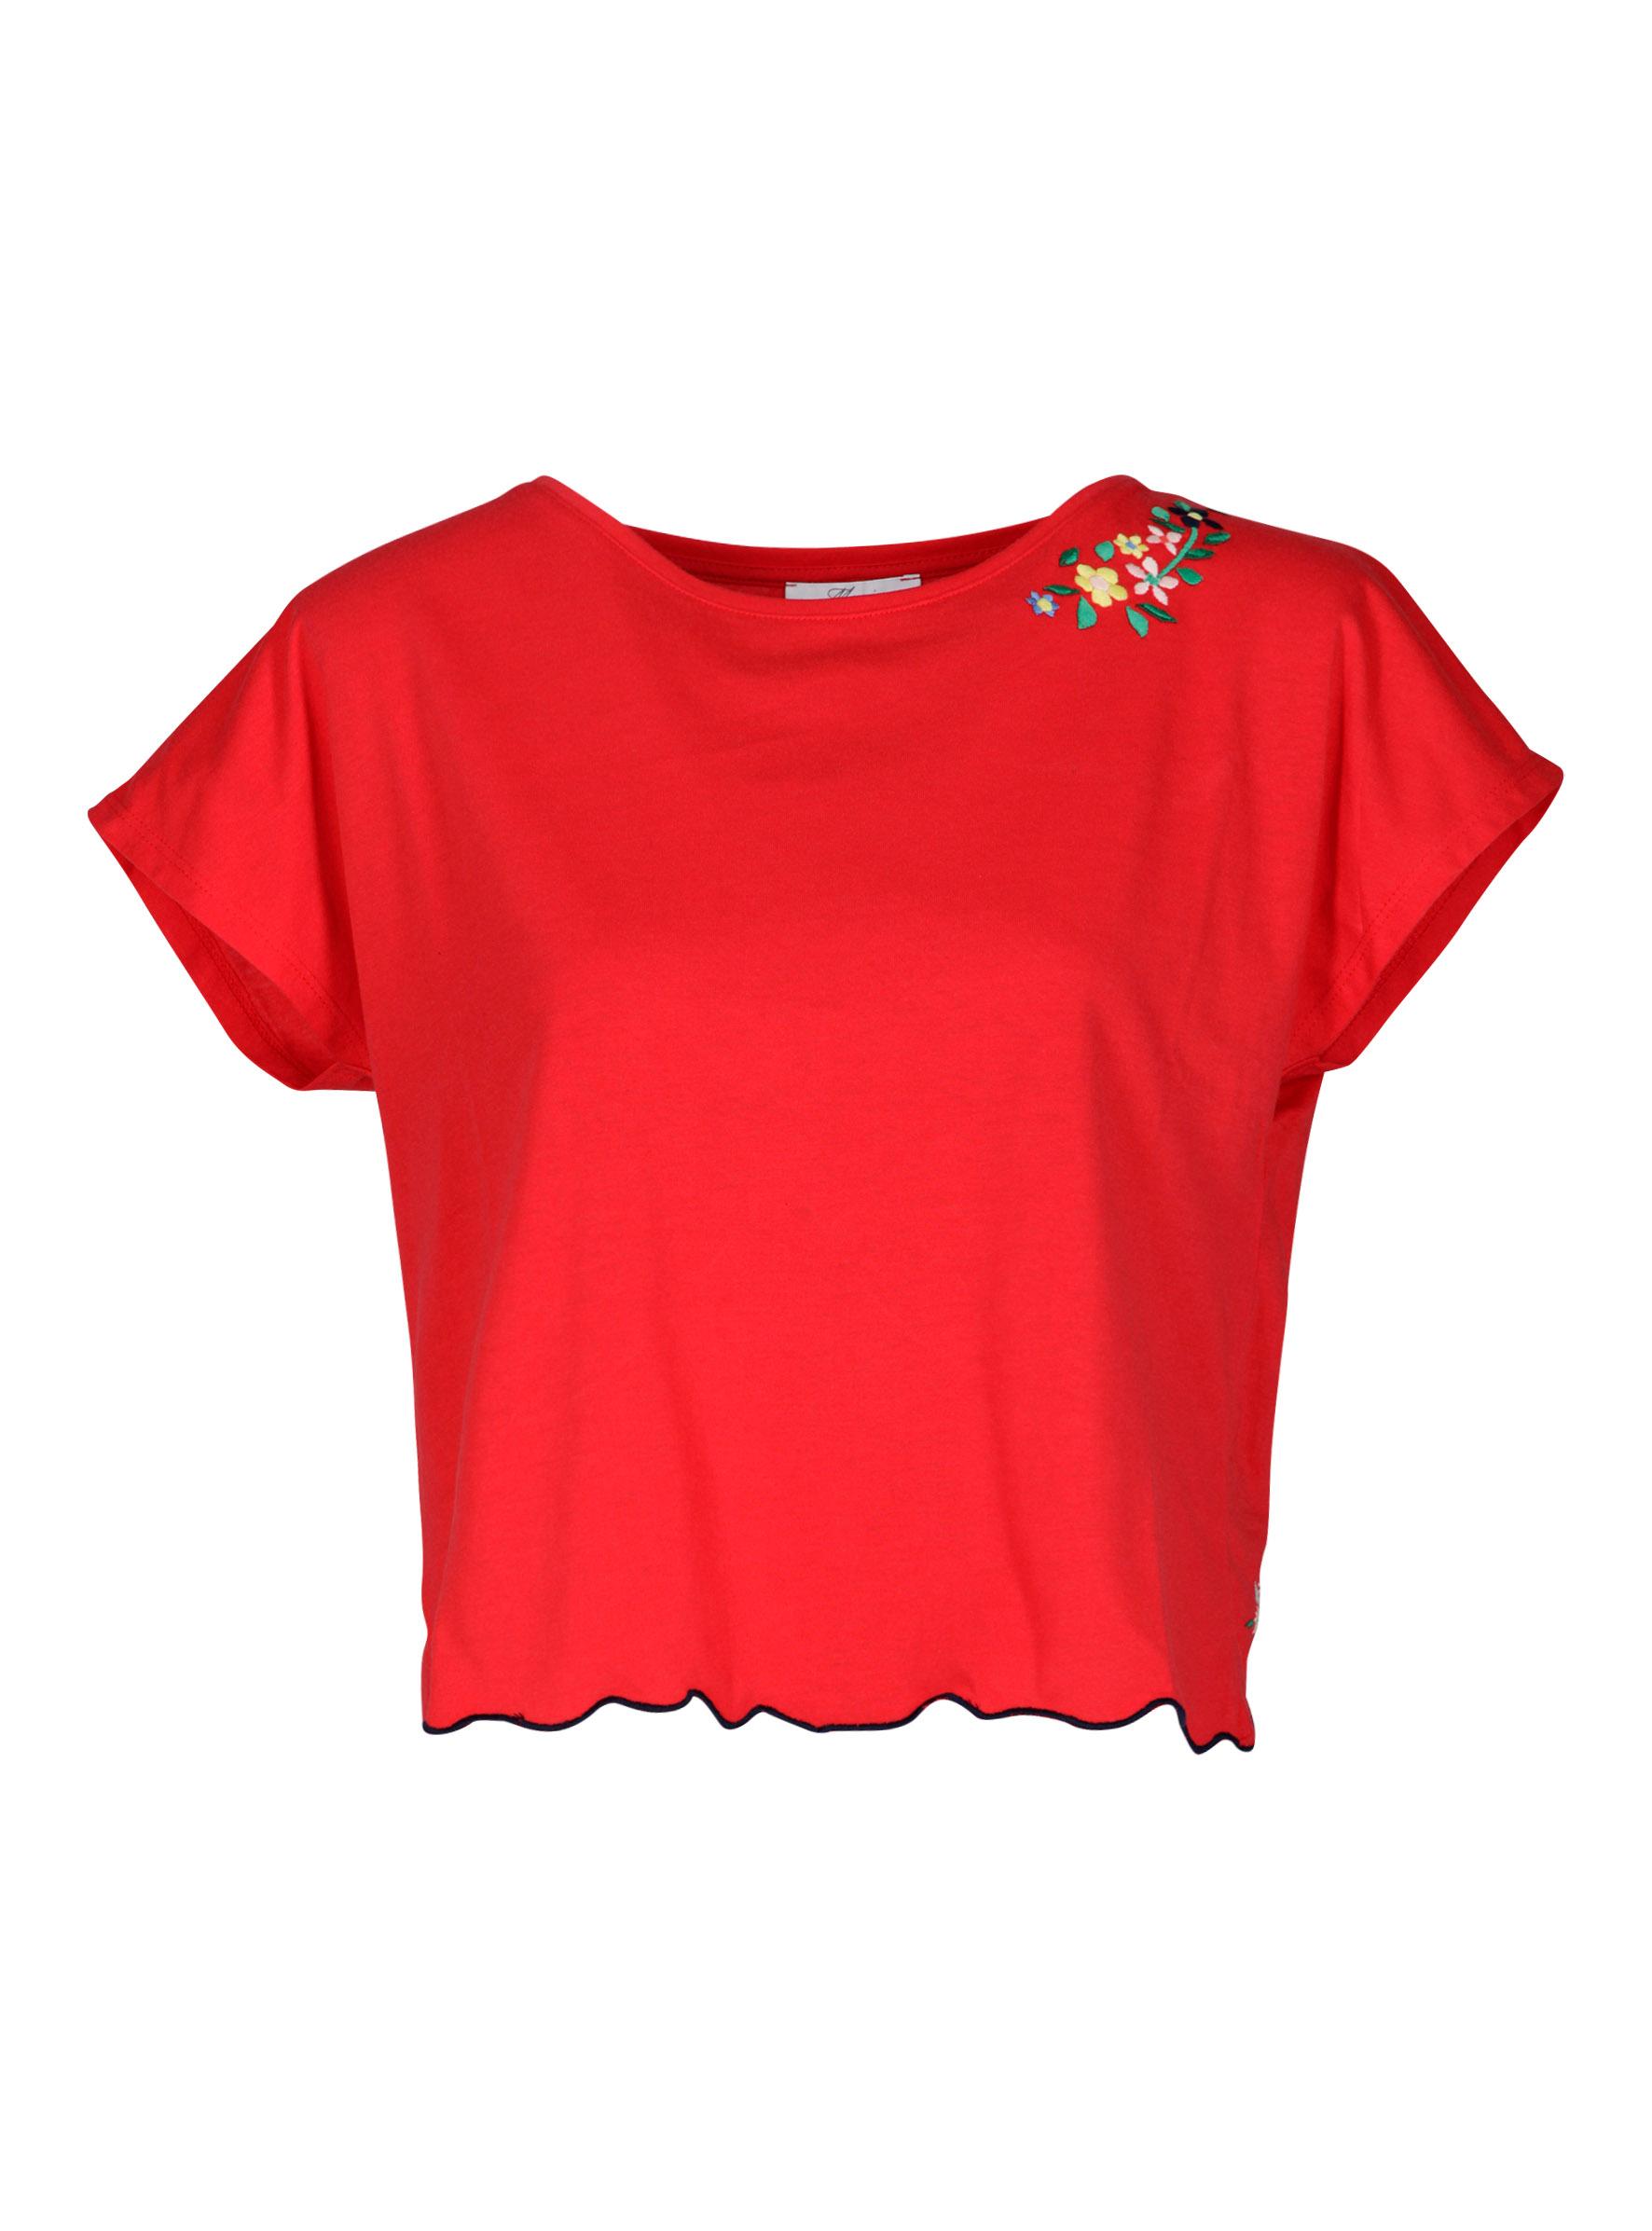 Trendiges T-Shirt mit Ausschnitt am Rücken mit spitzen Detail in der Young Fashion Kollektion bei Mavi